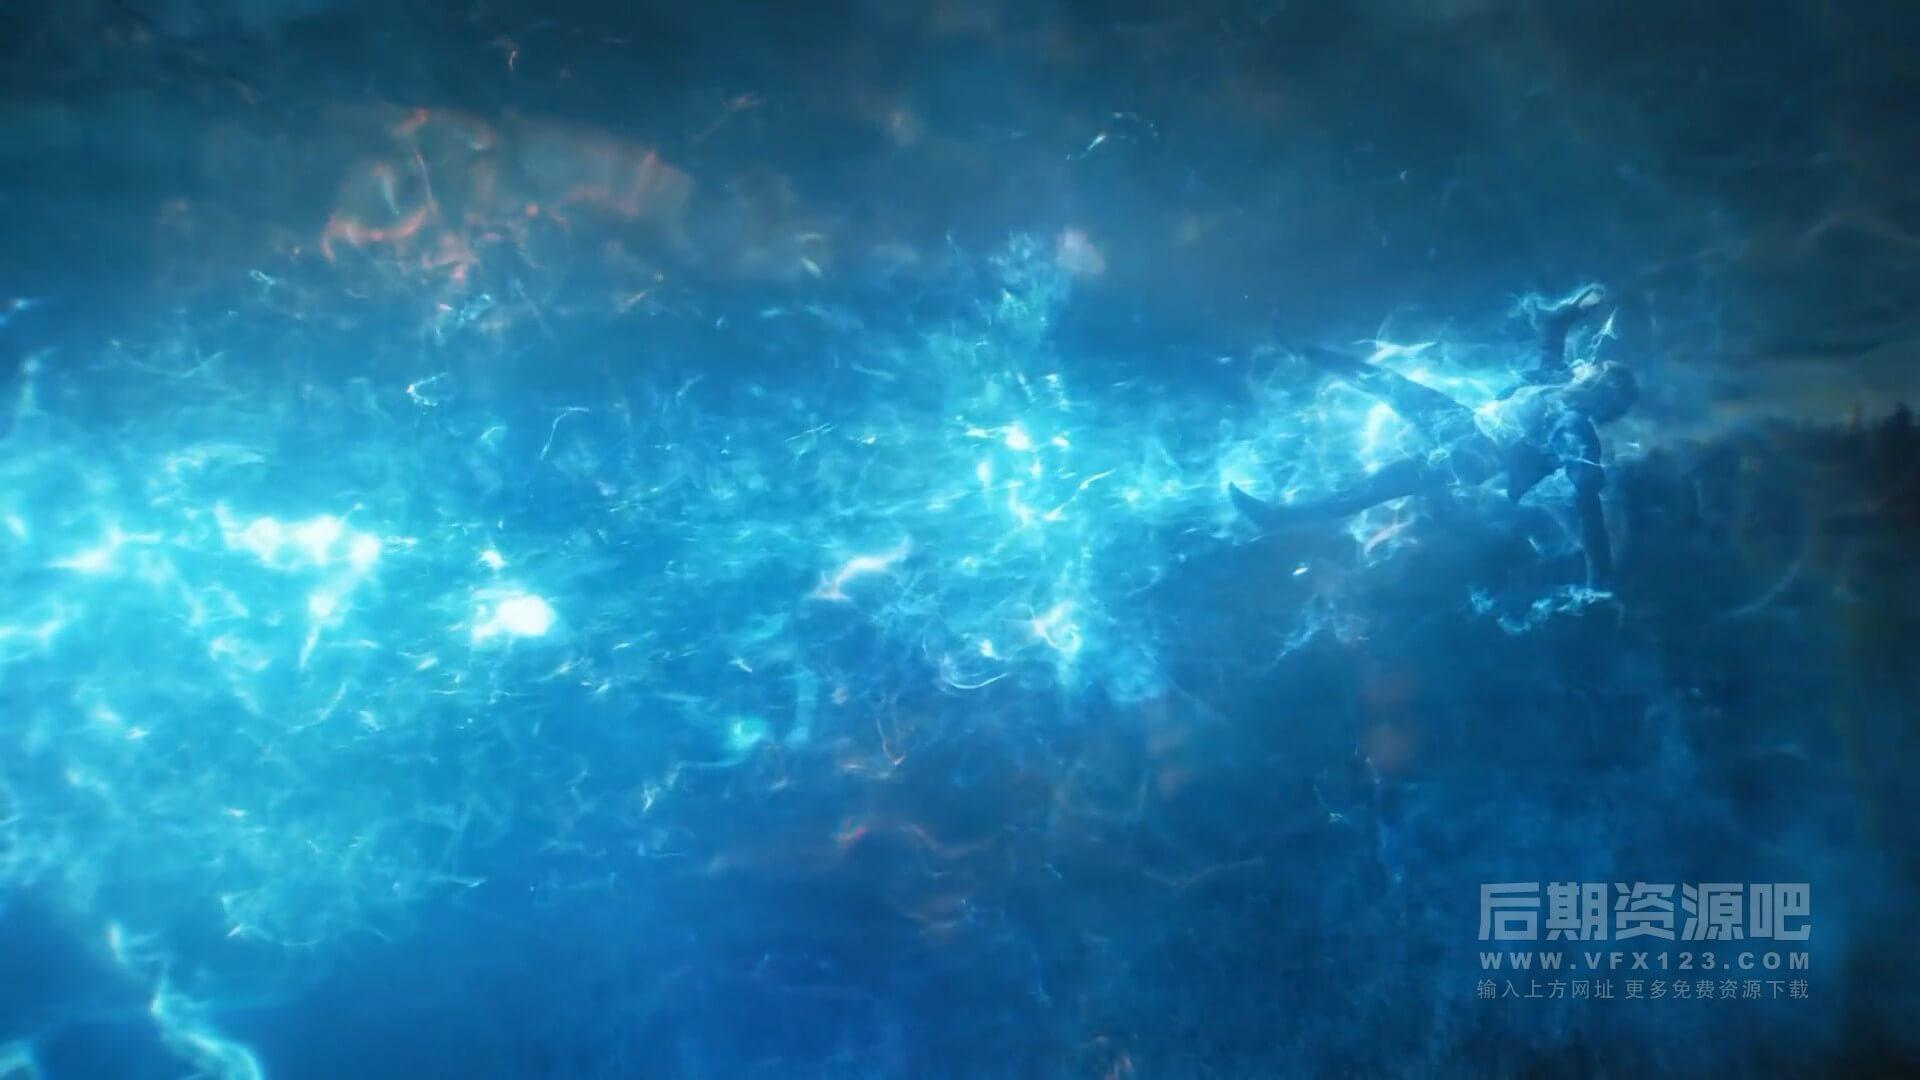 视频素材 431个4K科幻魔法能量冲击波星火粒子粉尘烟雾特效合成素材 完整版